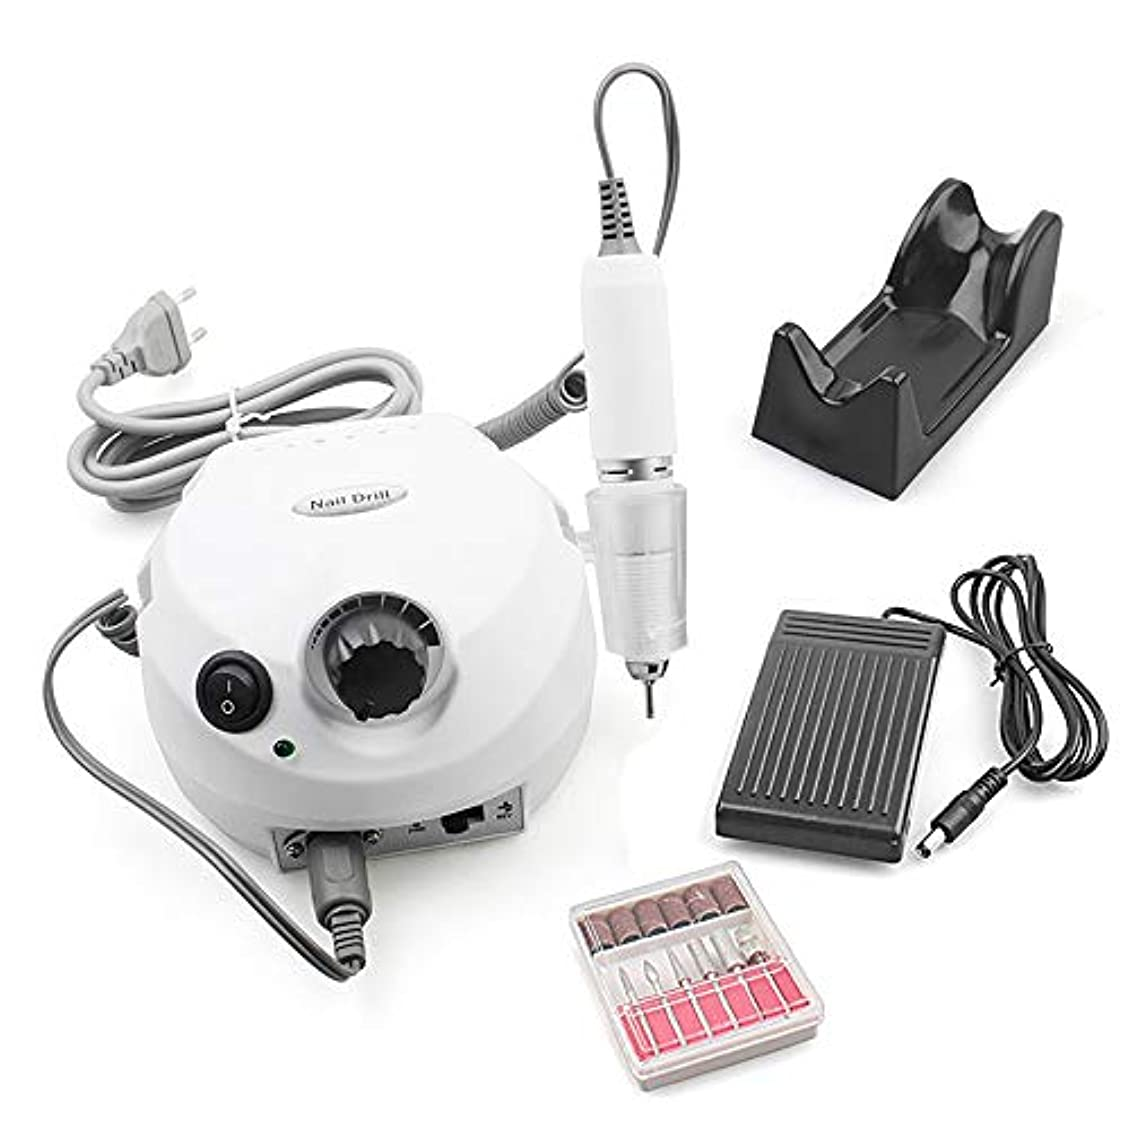 スラダム獣面積電気マニキュアペンマシン、プロフェッショナル30000Rpm電気ネイルアート、電気ネイルドリルマシンプロフェッショナルネイルファイルマニキュアペディキュア